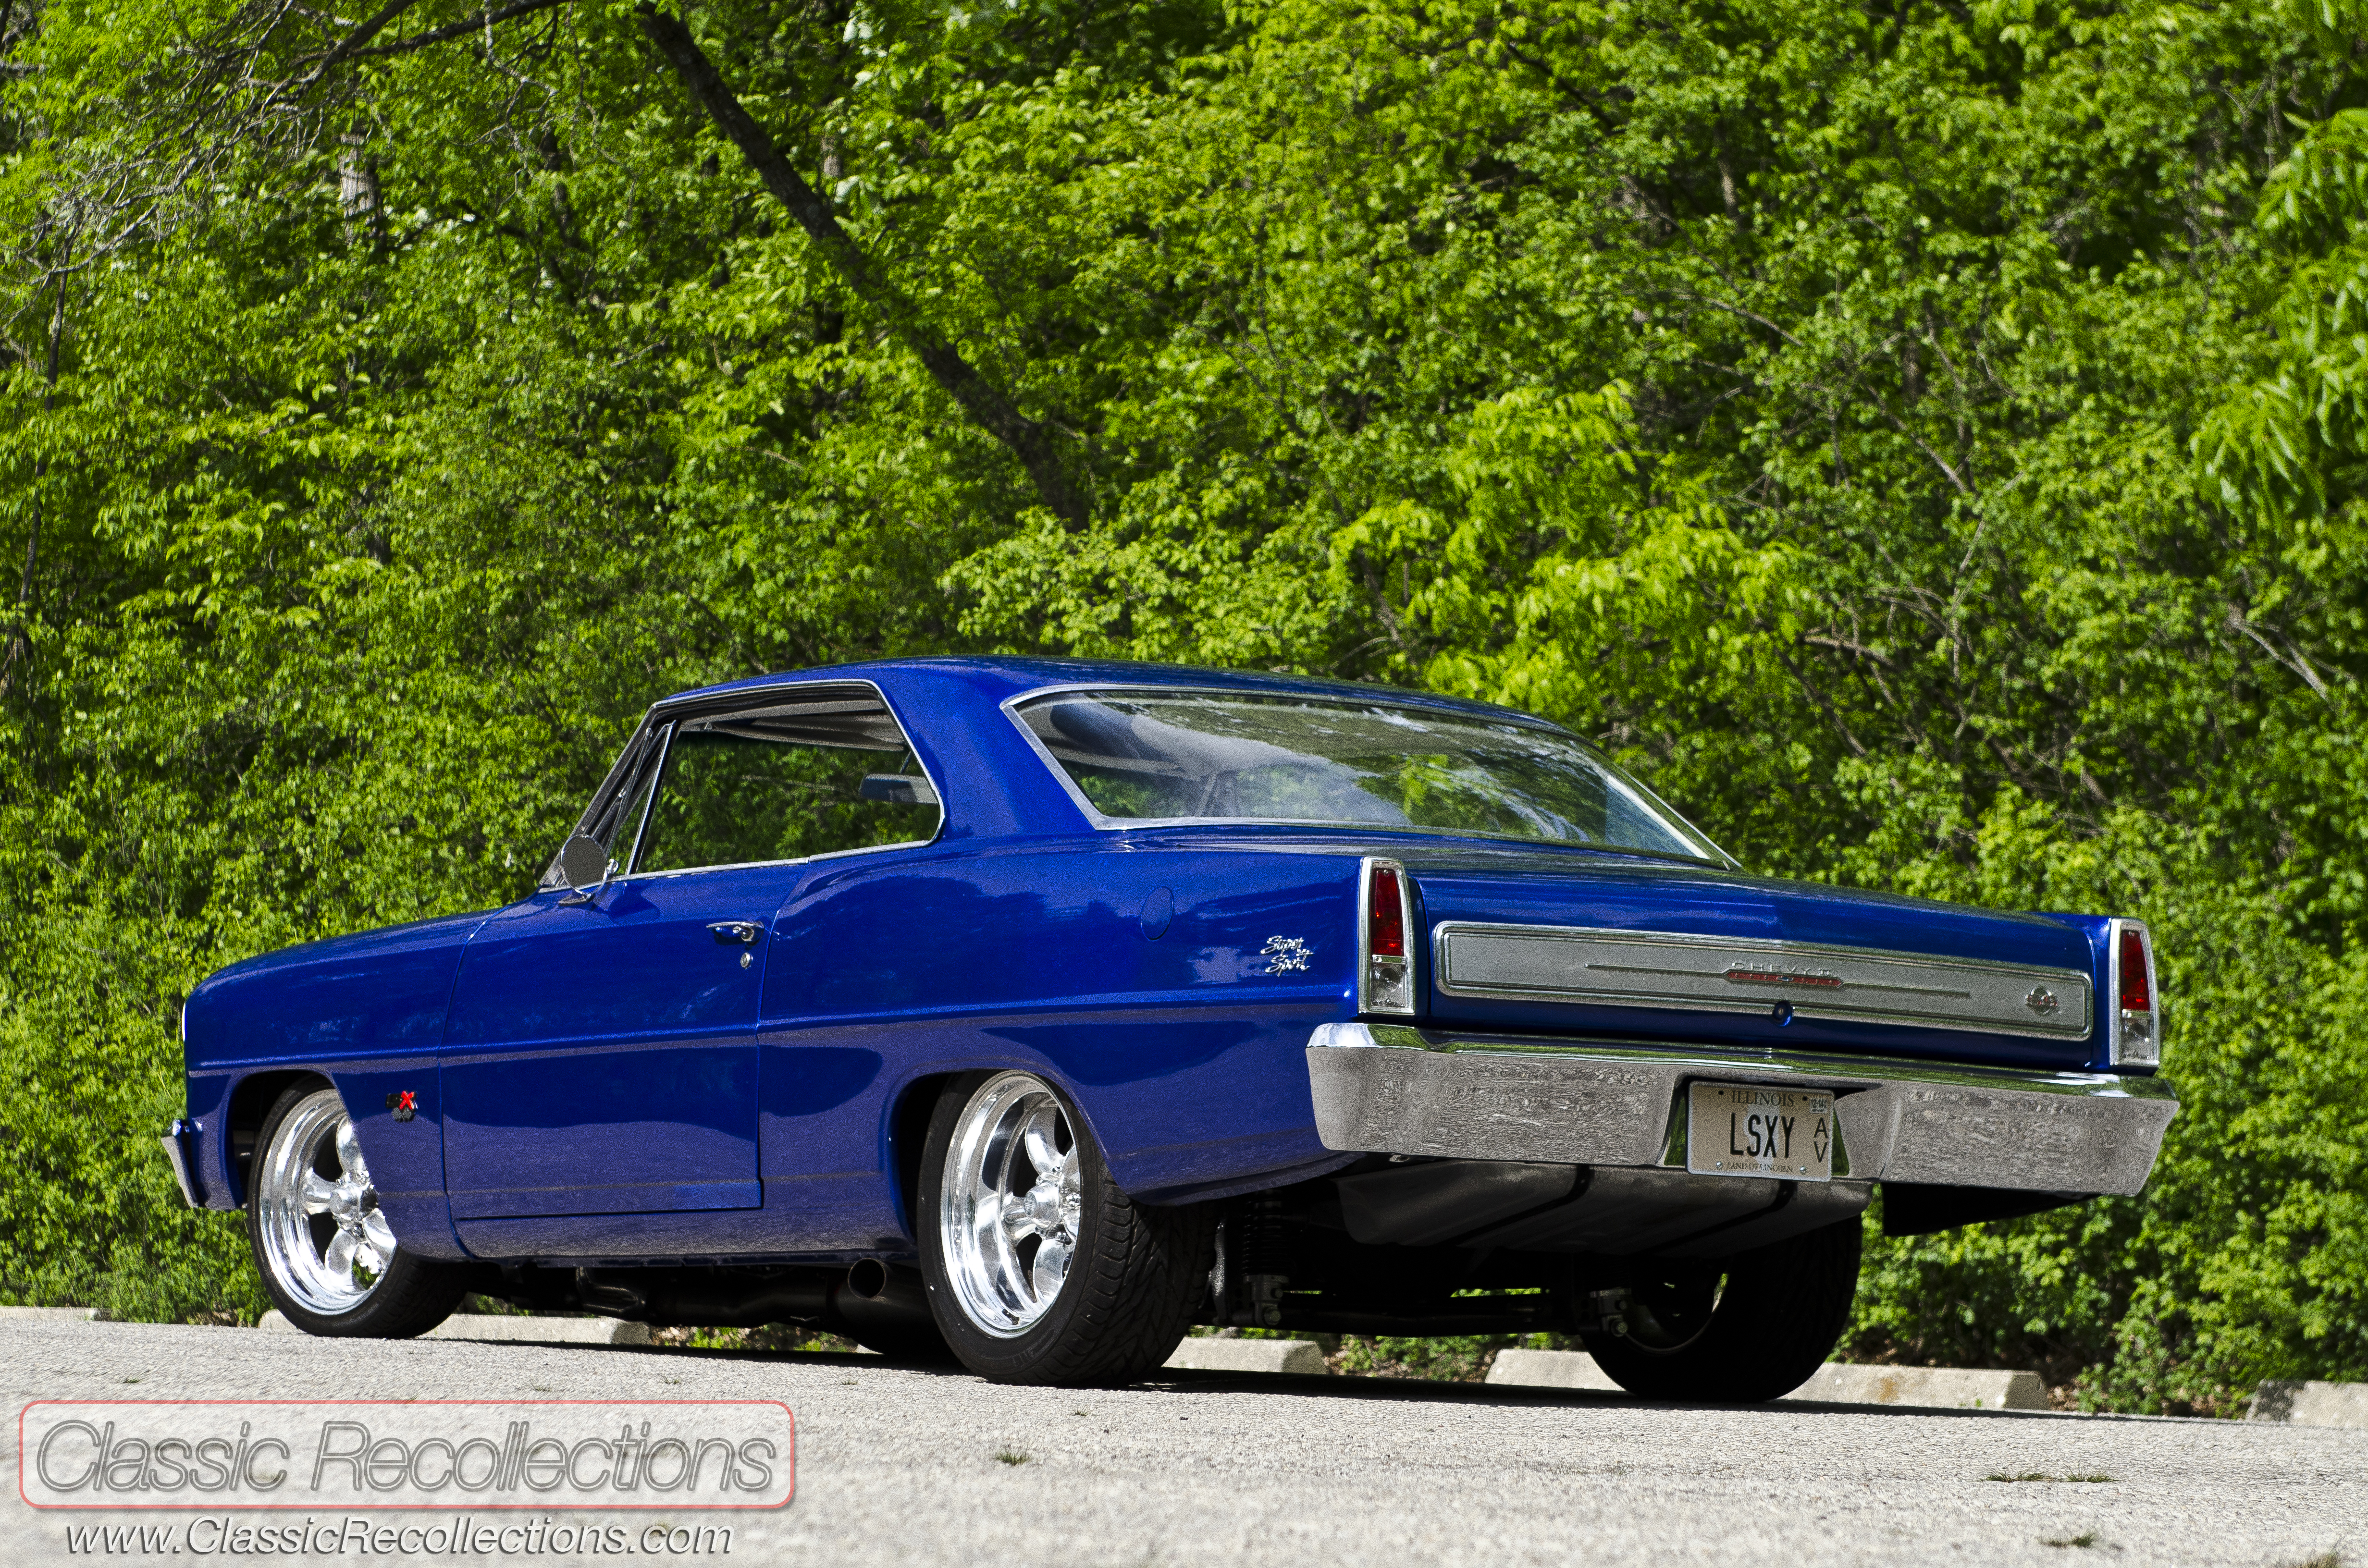 Green car paint colors -  Dsc_1386wm W 1200 Feature 1966 Chevrolet Chevy Ii Nova Classic Recollections Blue Paint Blue Paint Colors For Cars